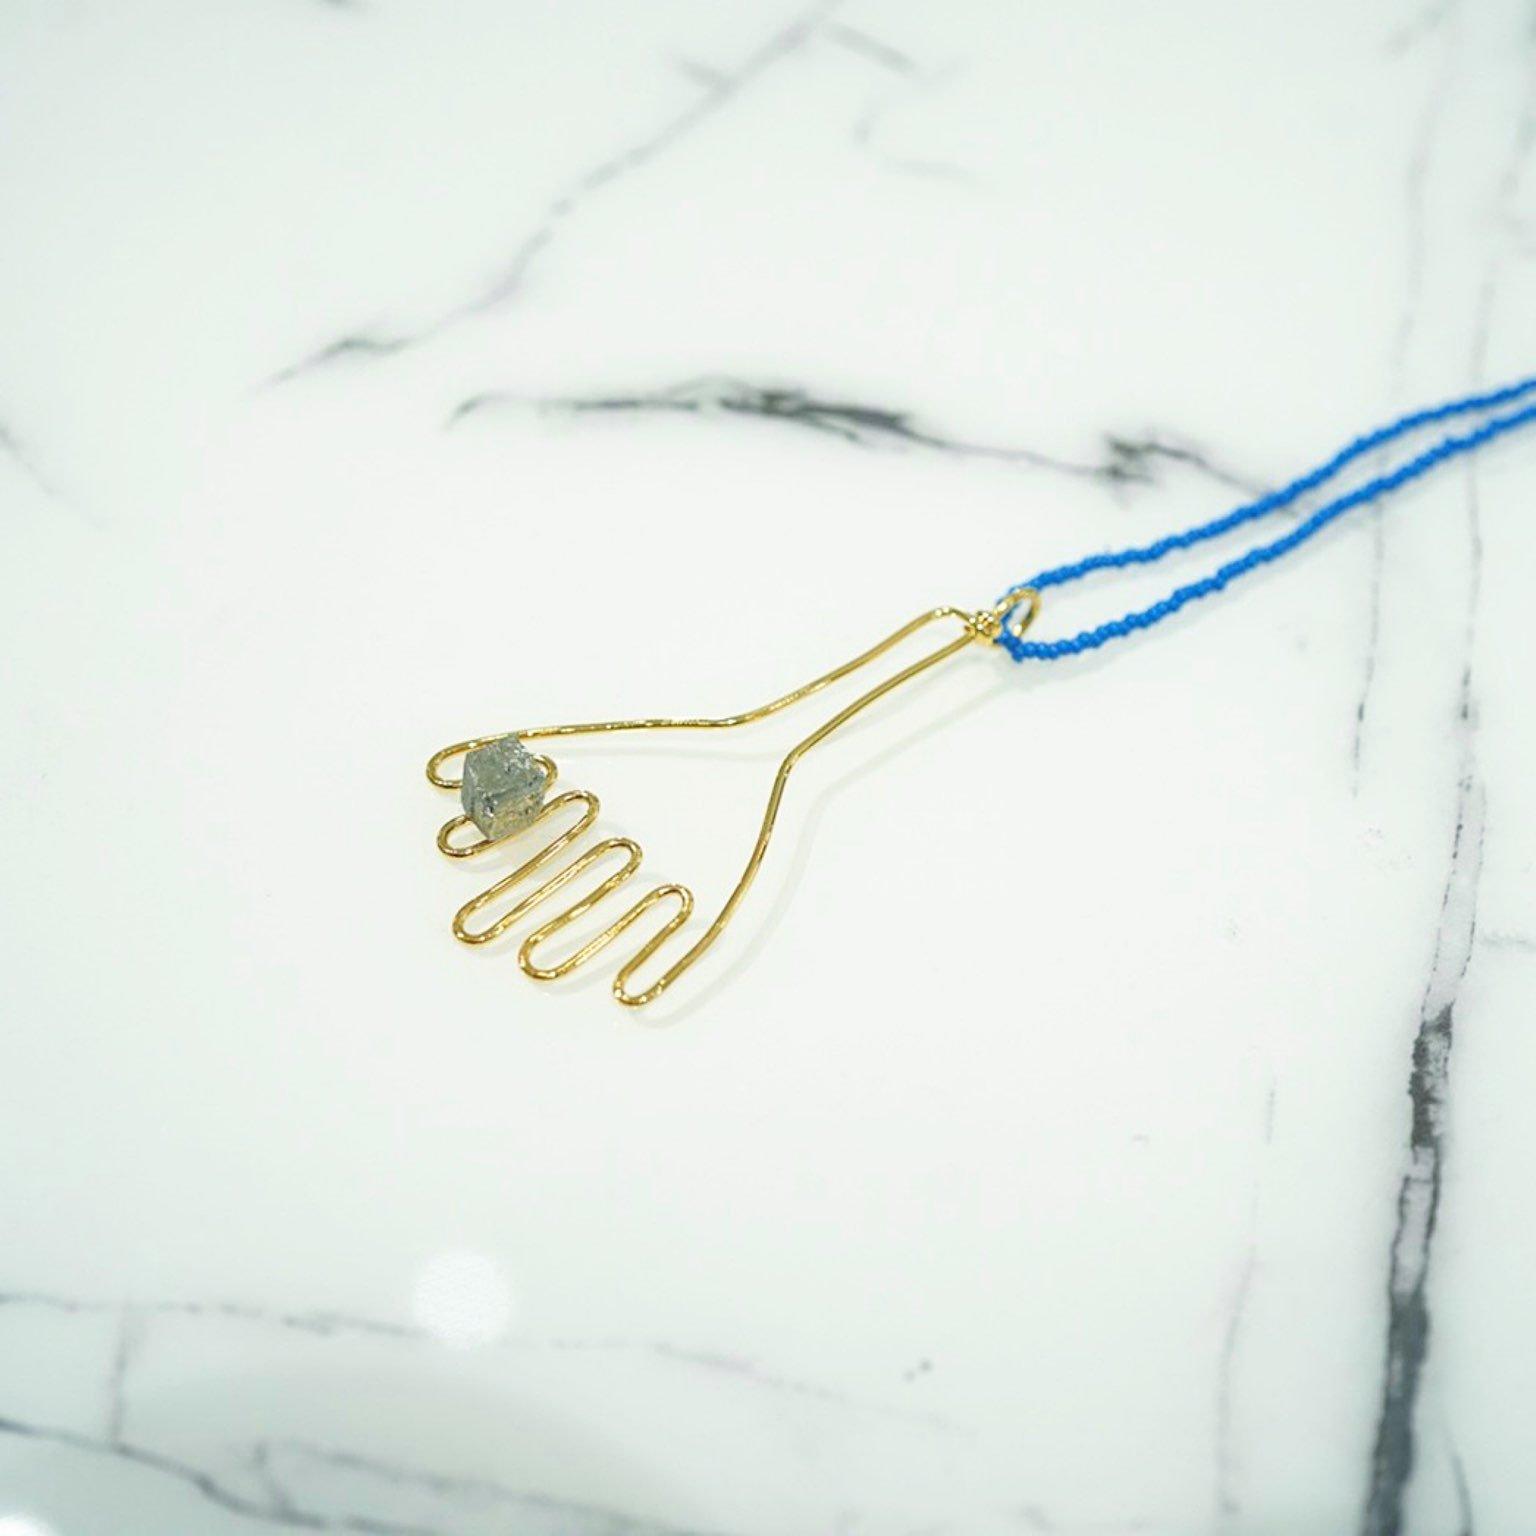 【MARNI】ハンドモチーフネックレス<br>withセミプレシャスストーン